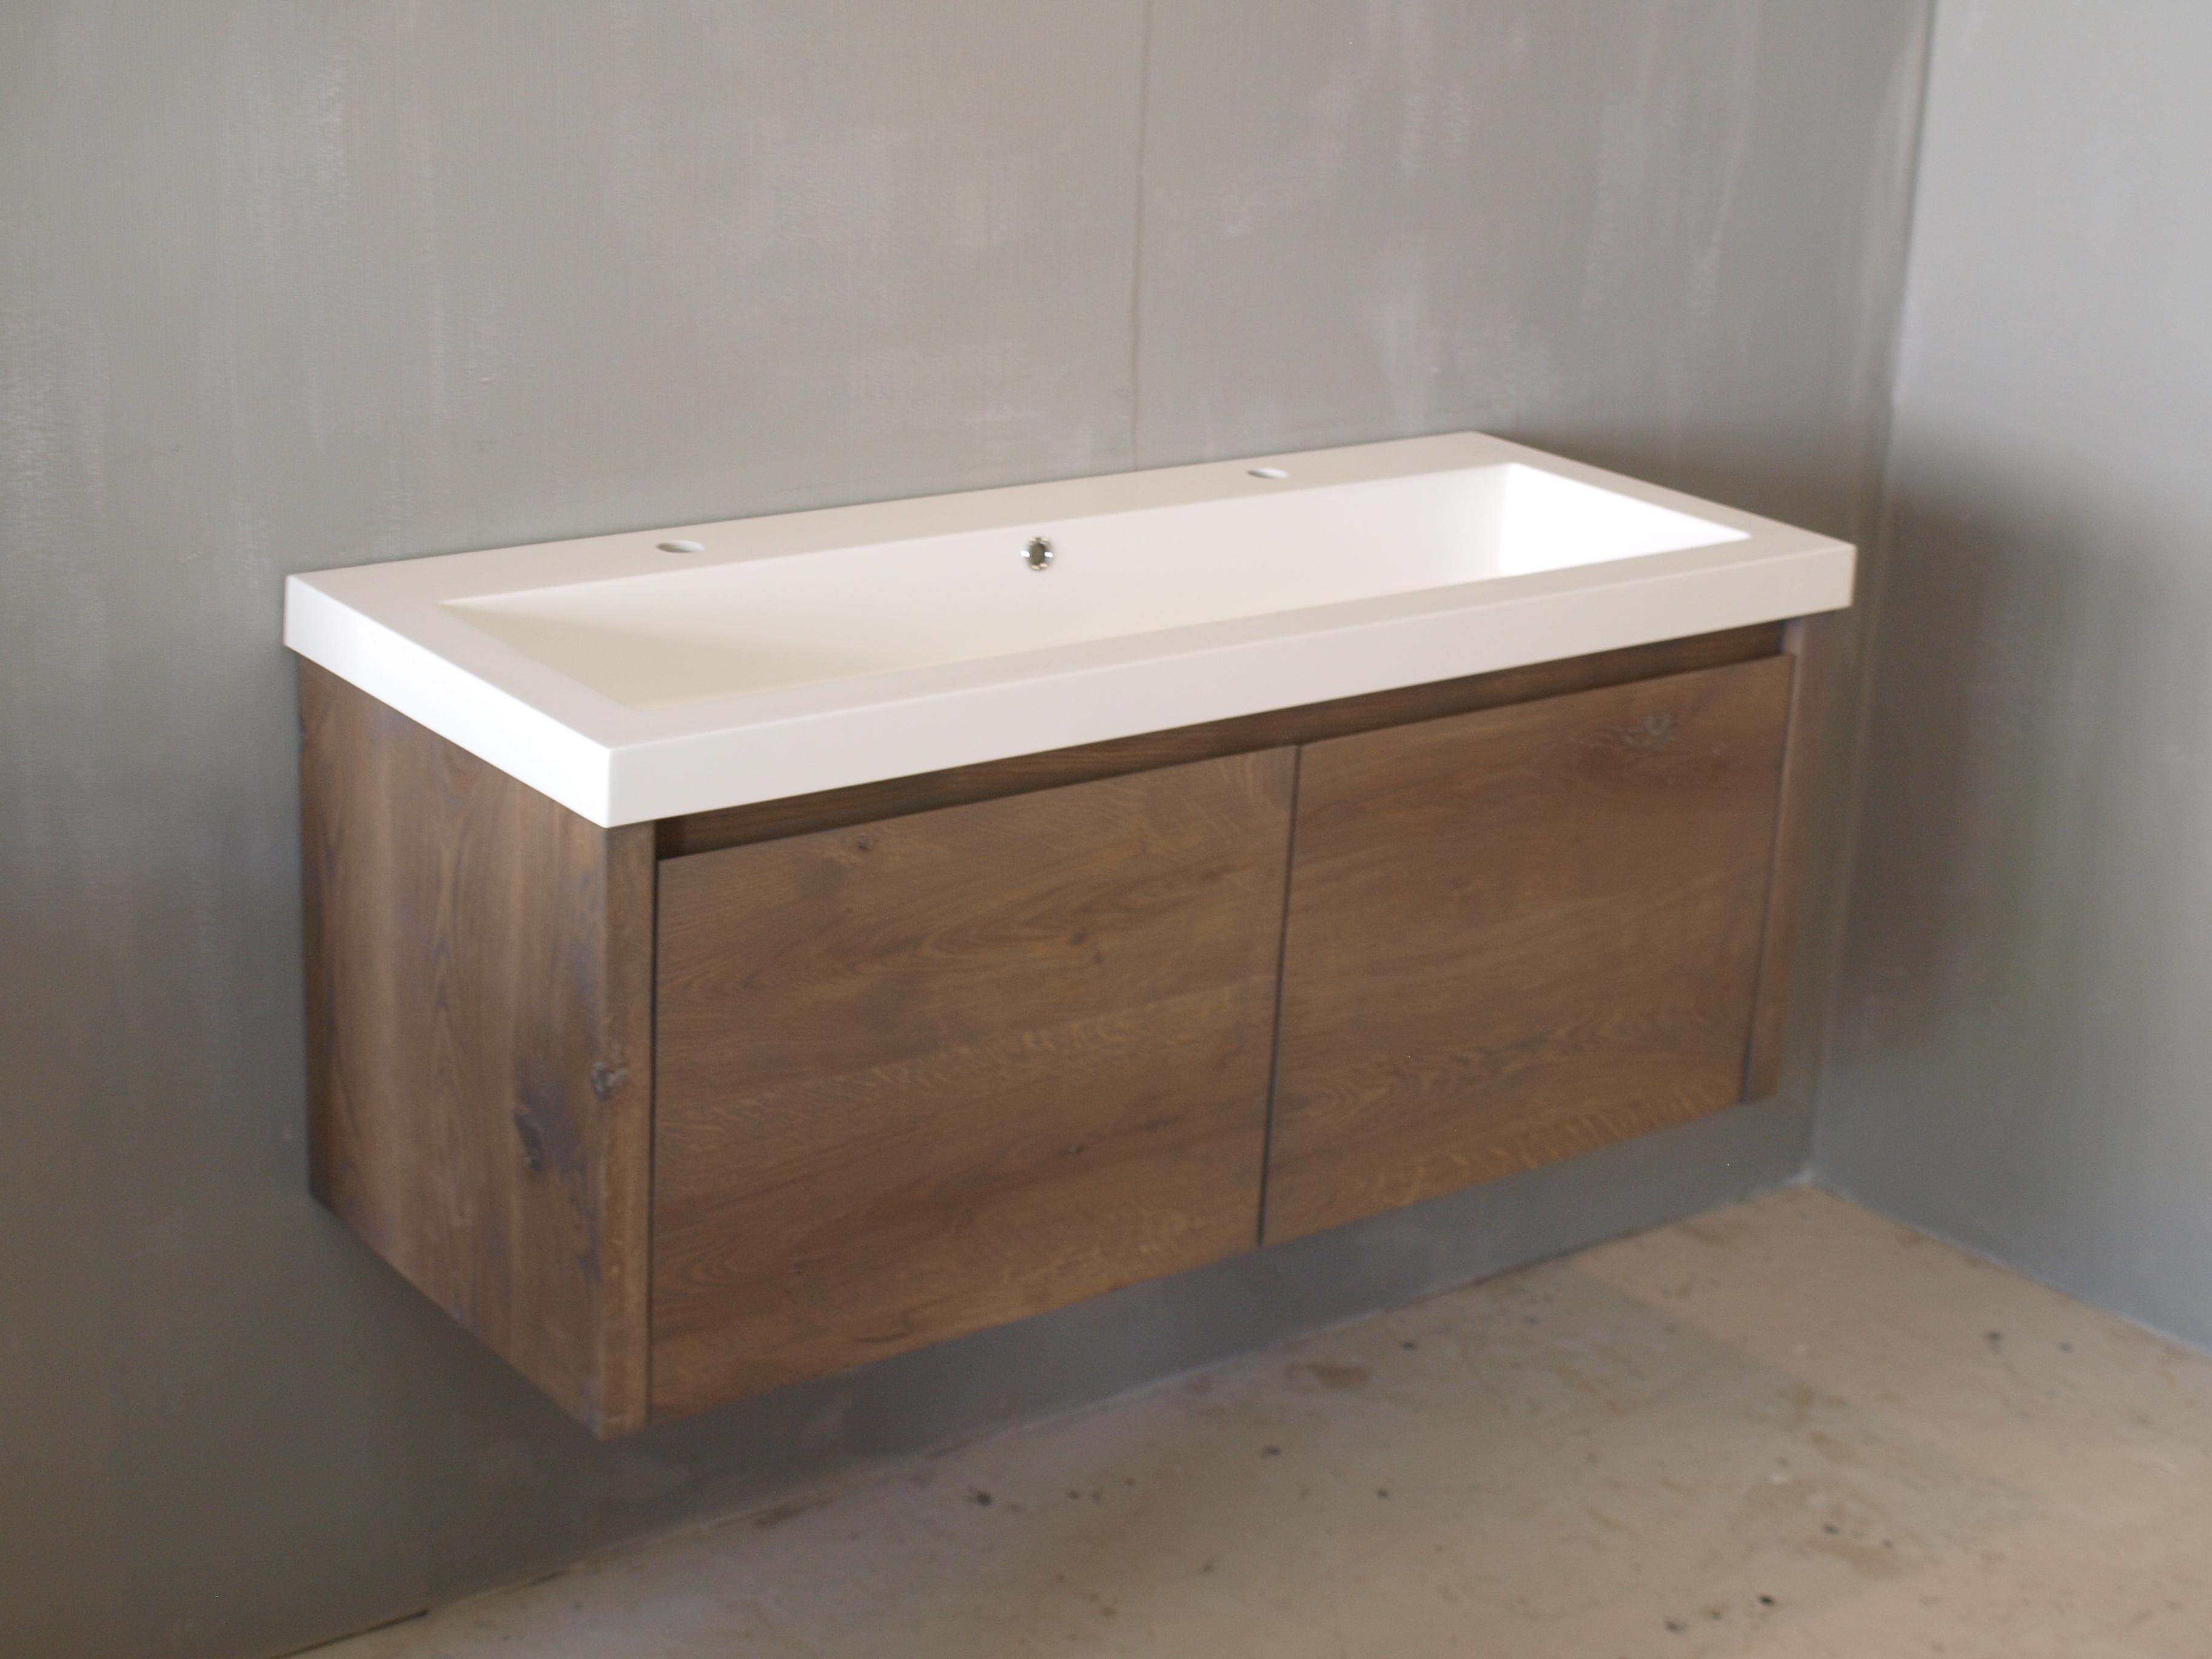 Badkamermeubel bella vita eiken 120 wood4 badkamermeubels accessoires - Meubels originele badkamer ...